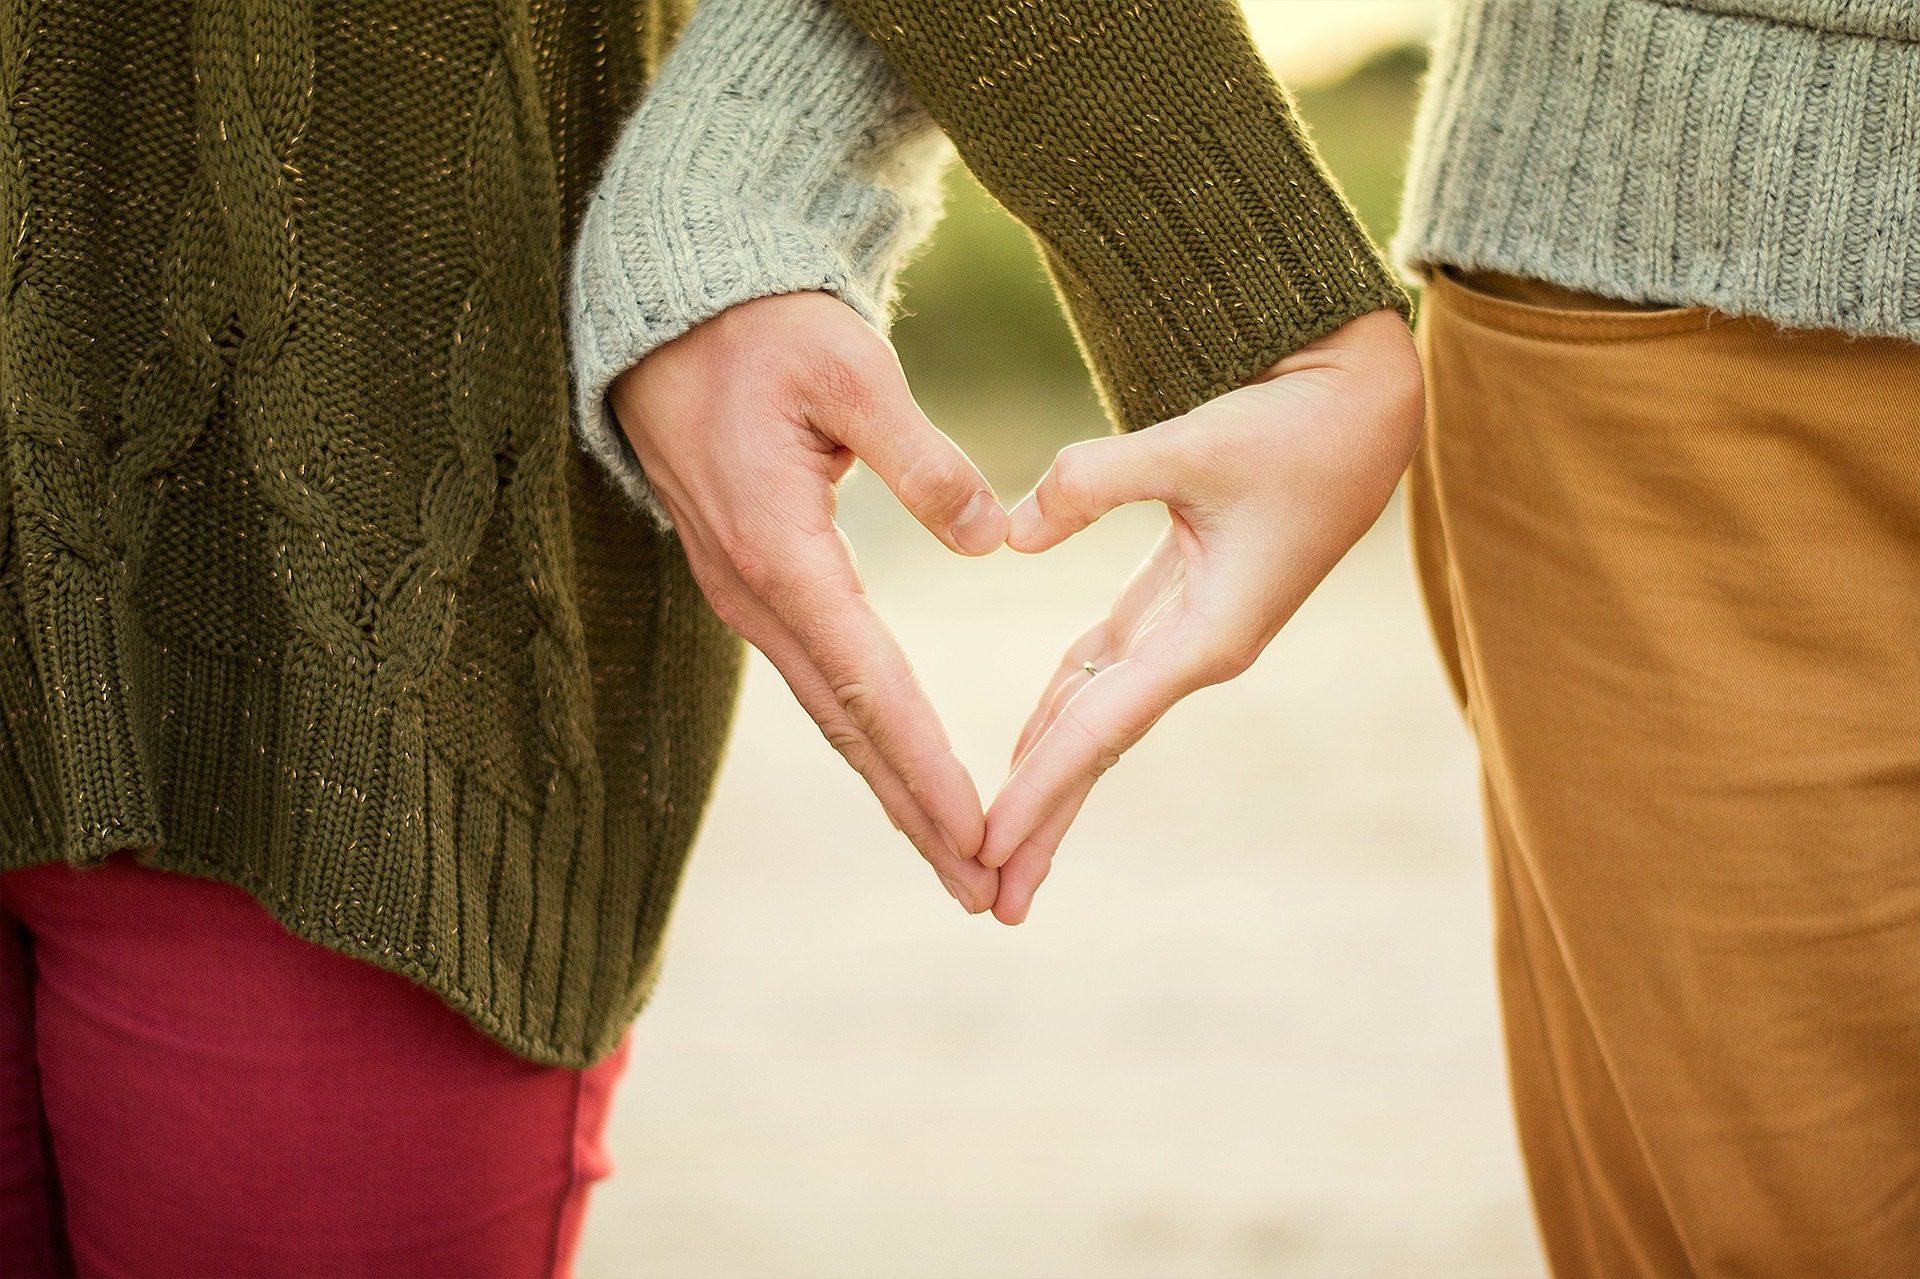 heart hands image